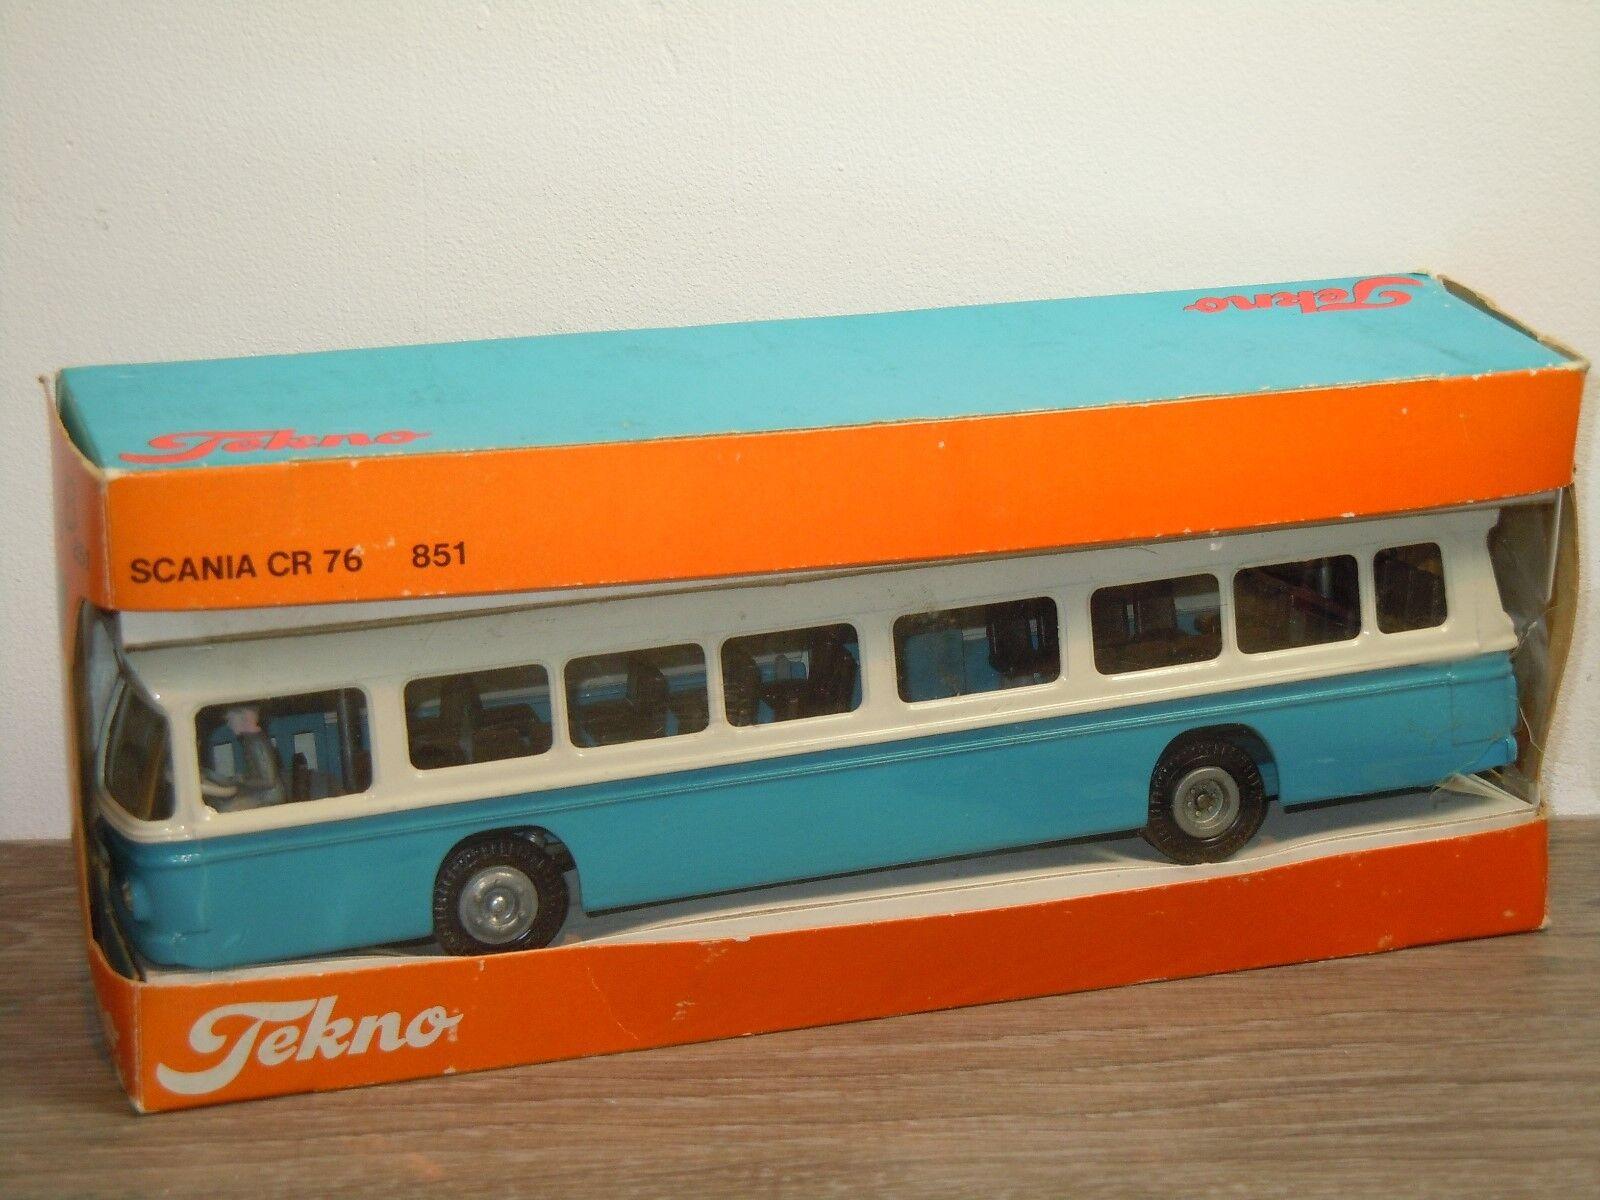 Scania CR 76 Citybuss - Tekno 851 Holland 1 50 i fält 35685